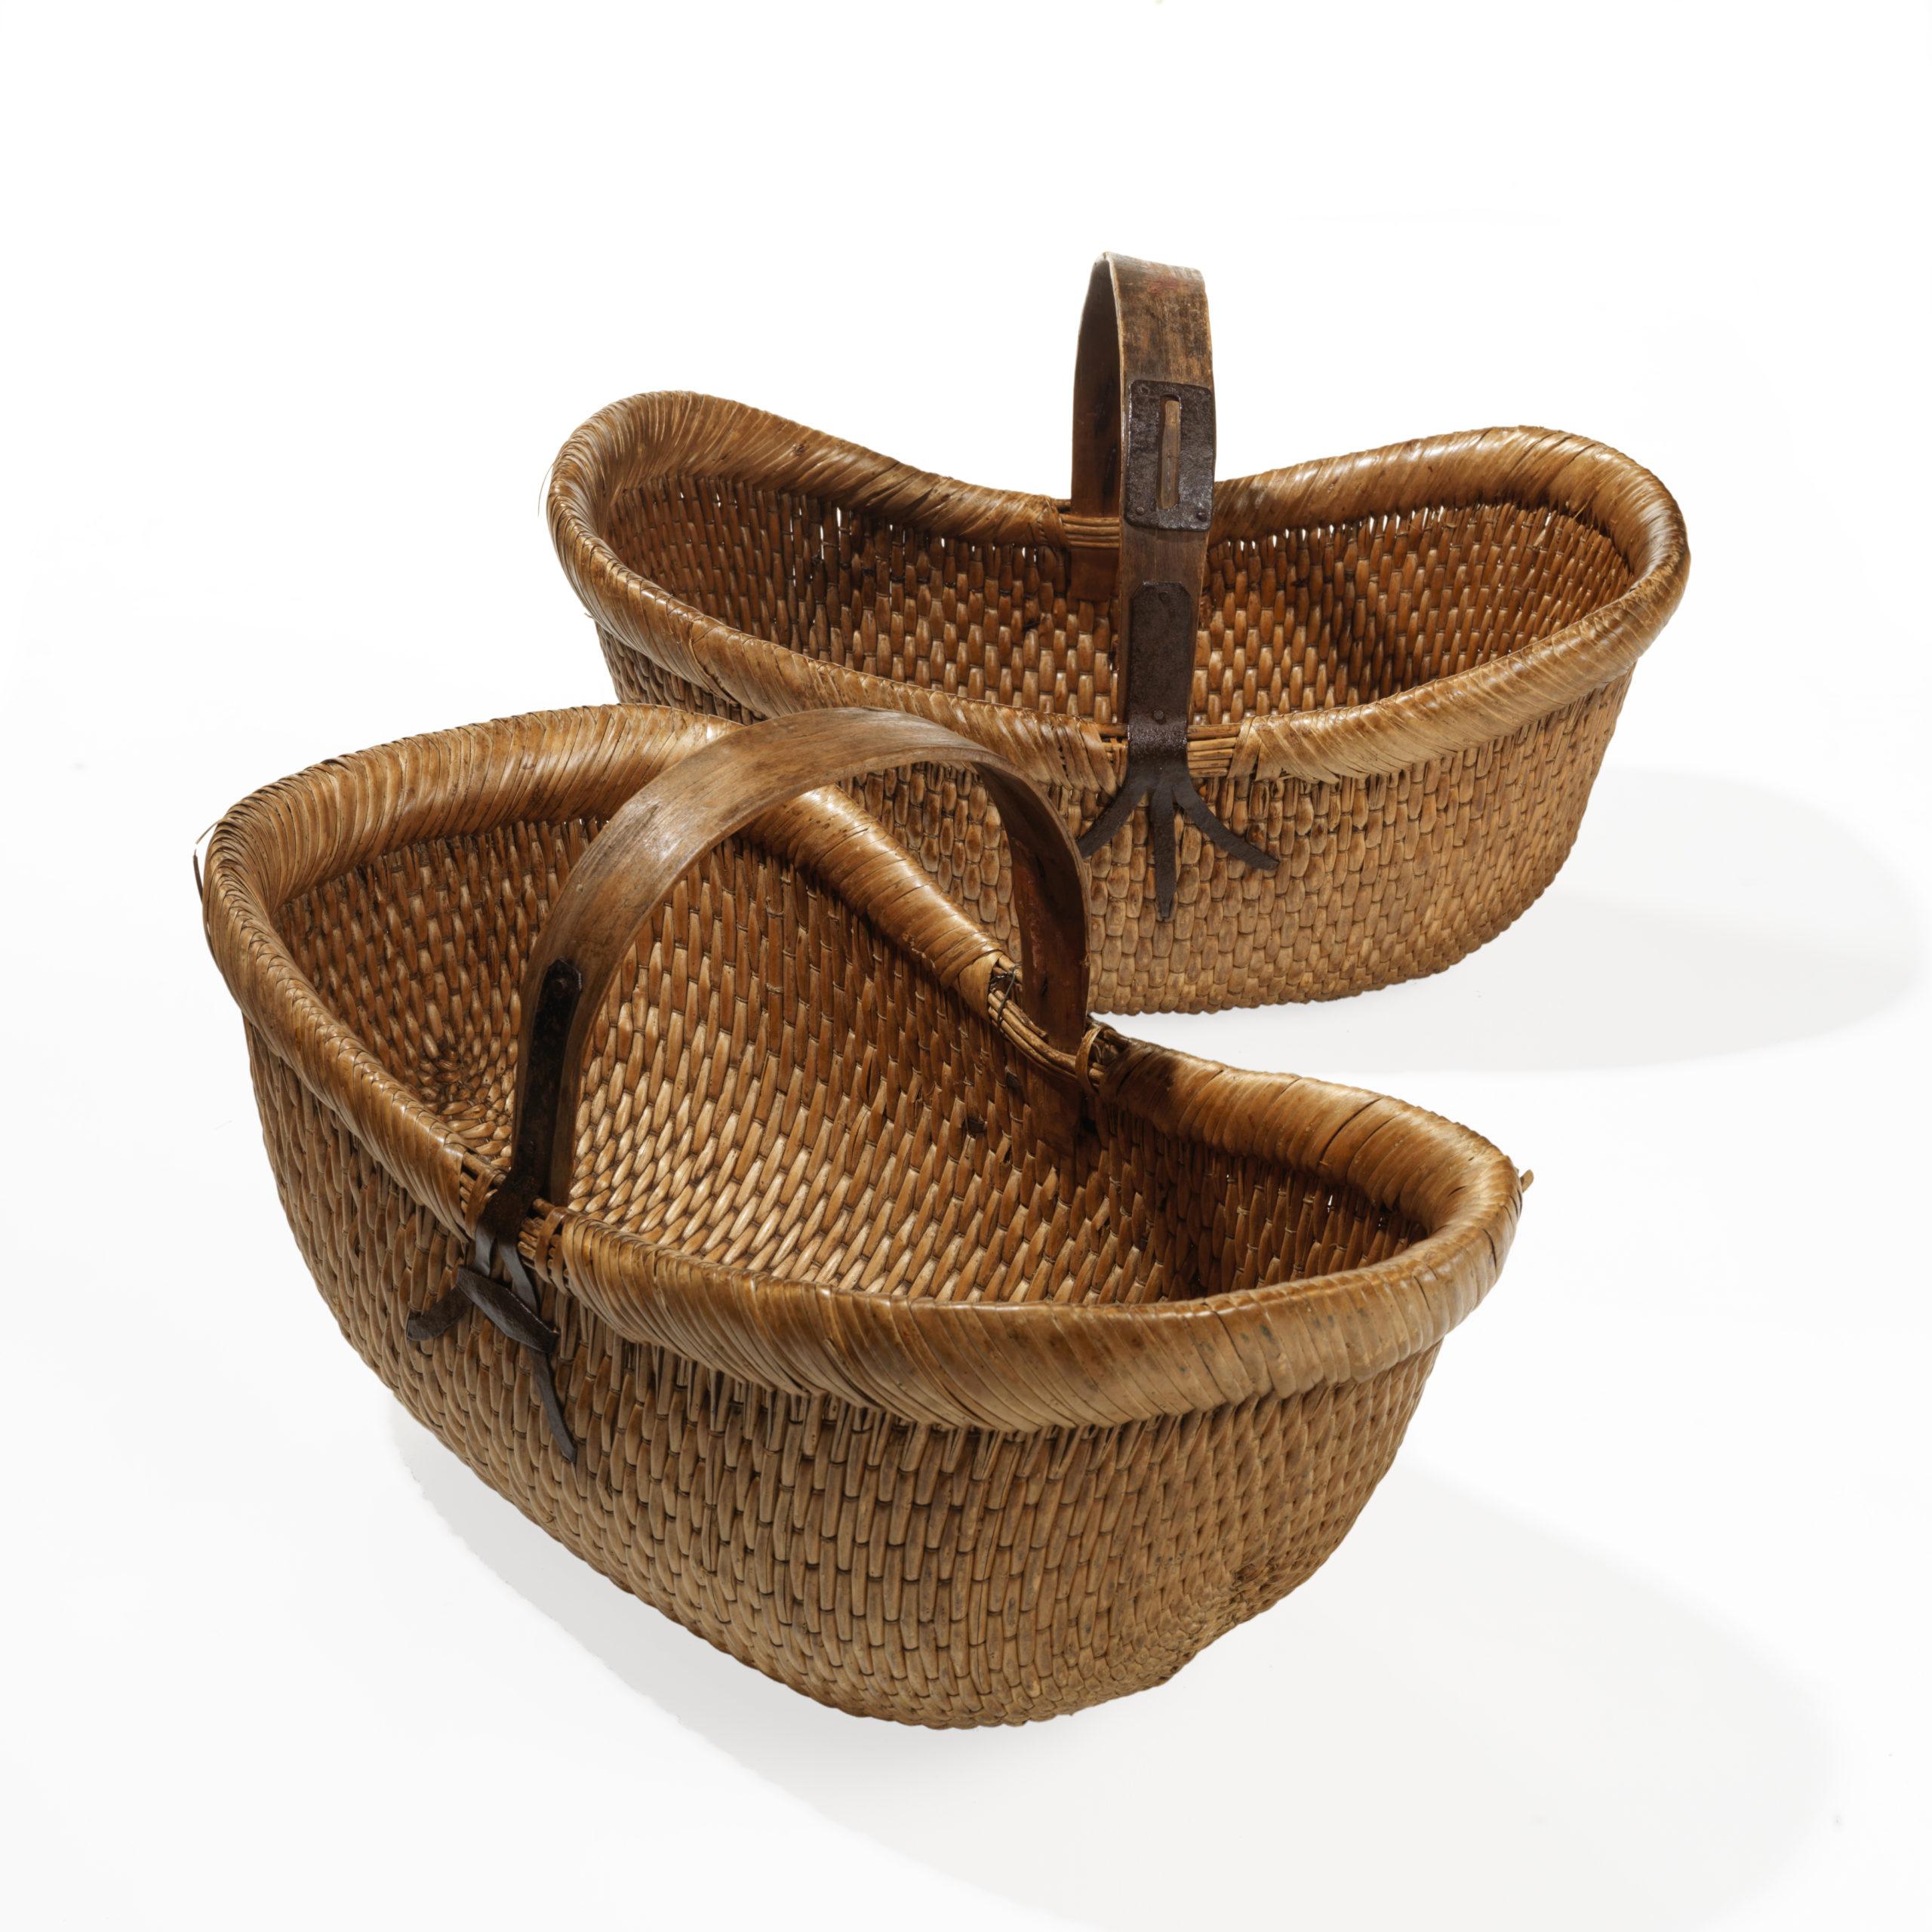 Carrying basket, £115, Shimu